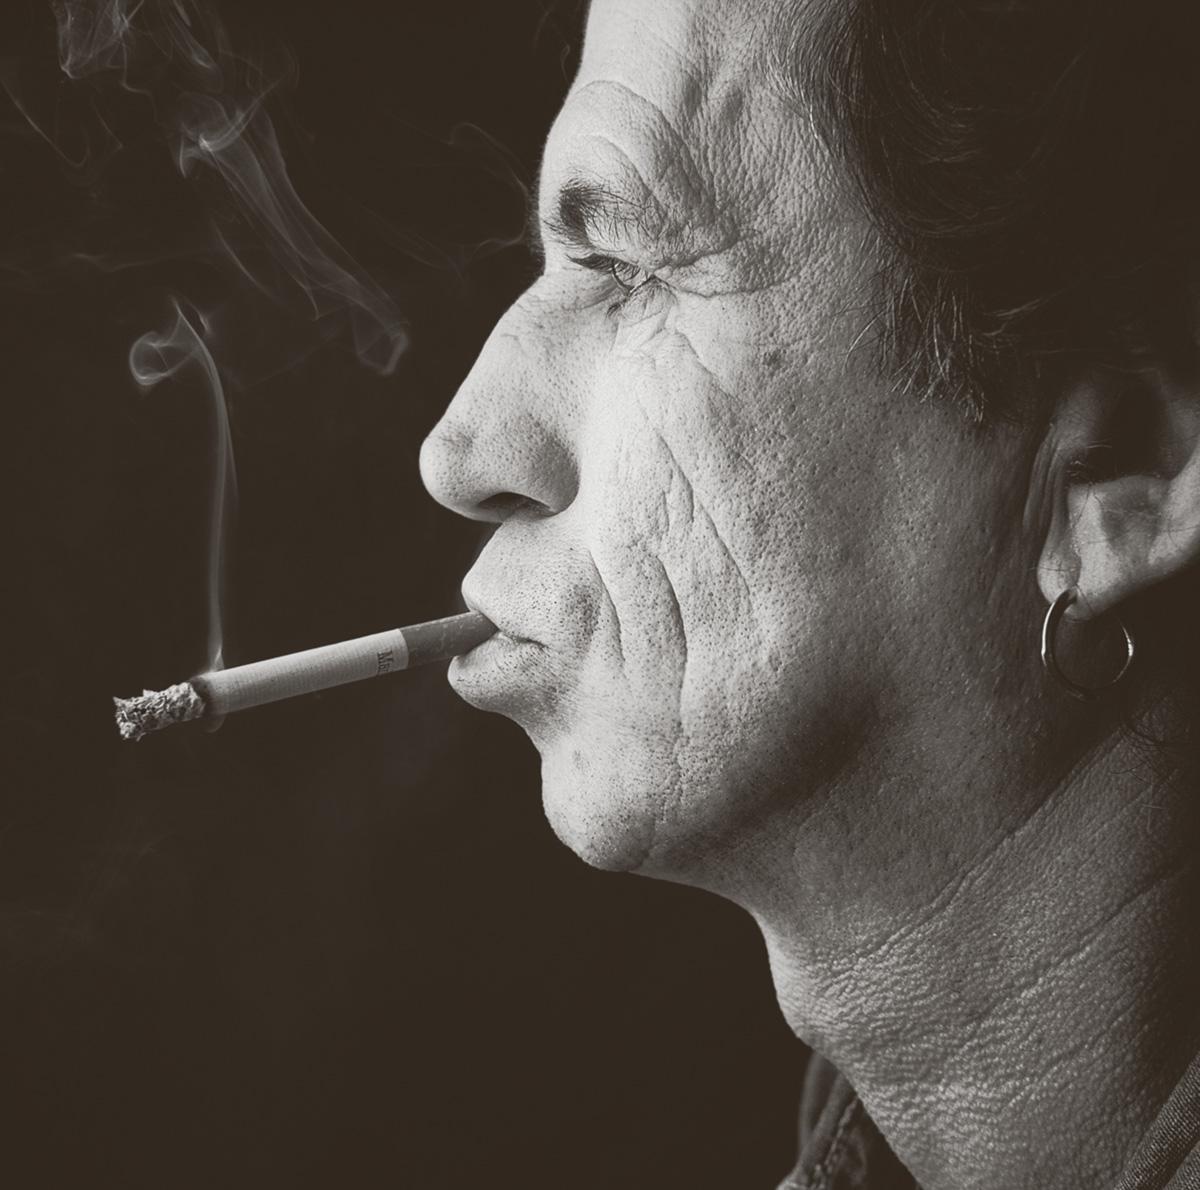 Richards admira a música de seus predecessores, mas não sente a dor deles. Está protegido dos dramas normais dos drogados por camadas de advogados, dinheiro e privilégios. Charlie Parker vivia no submundo, Richards batia papo com Onassis